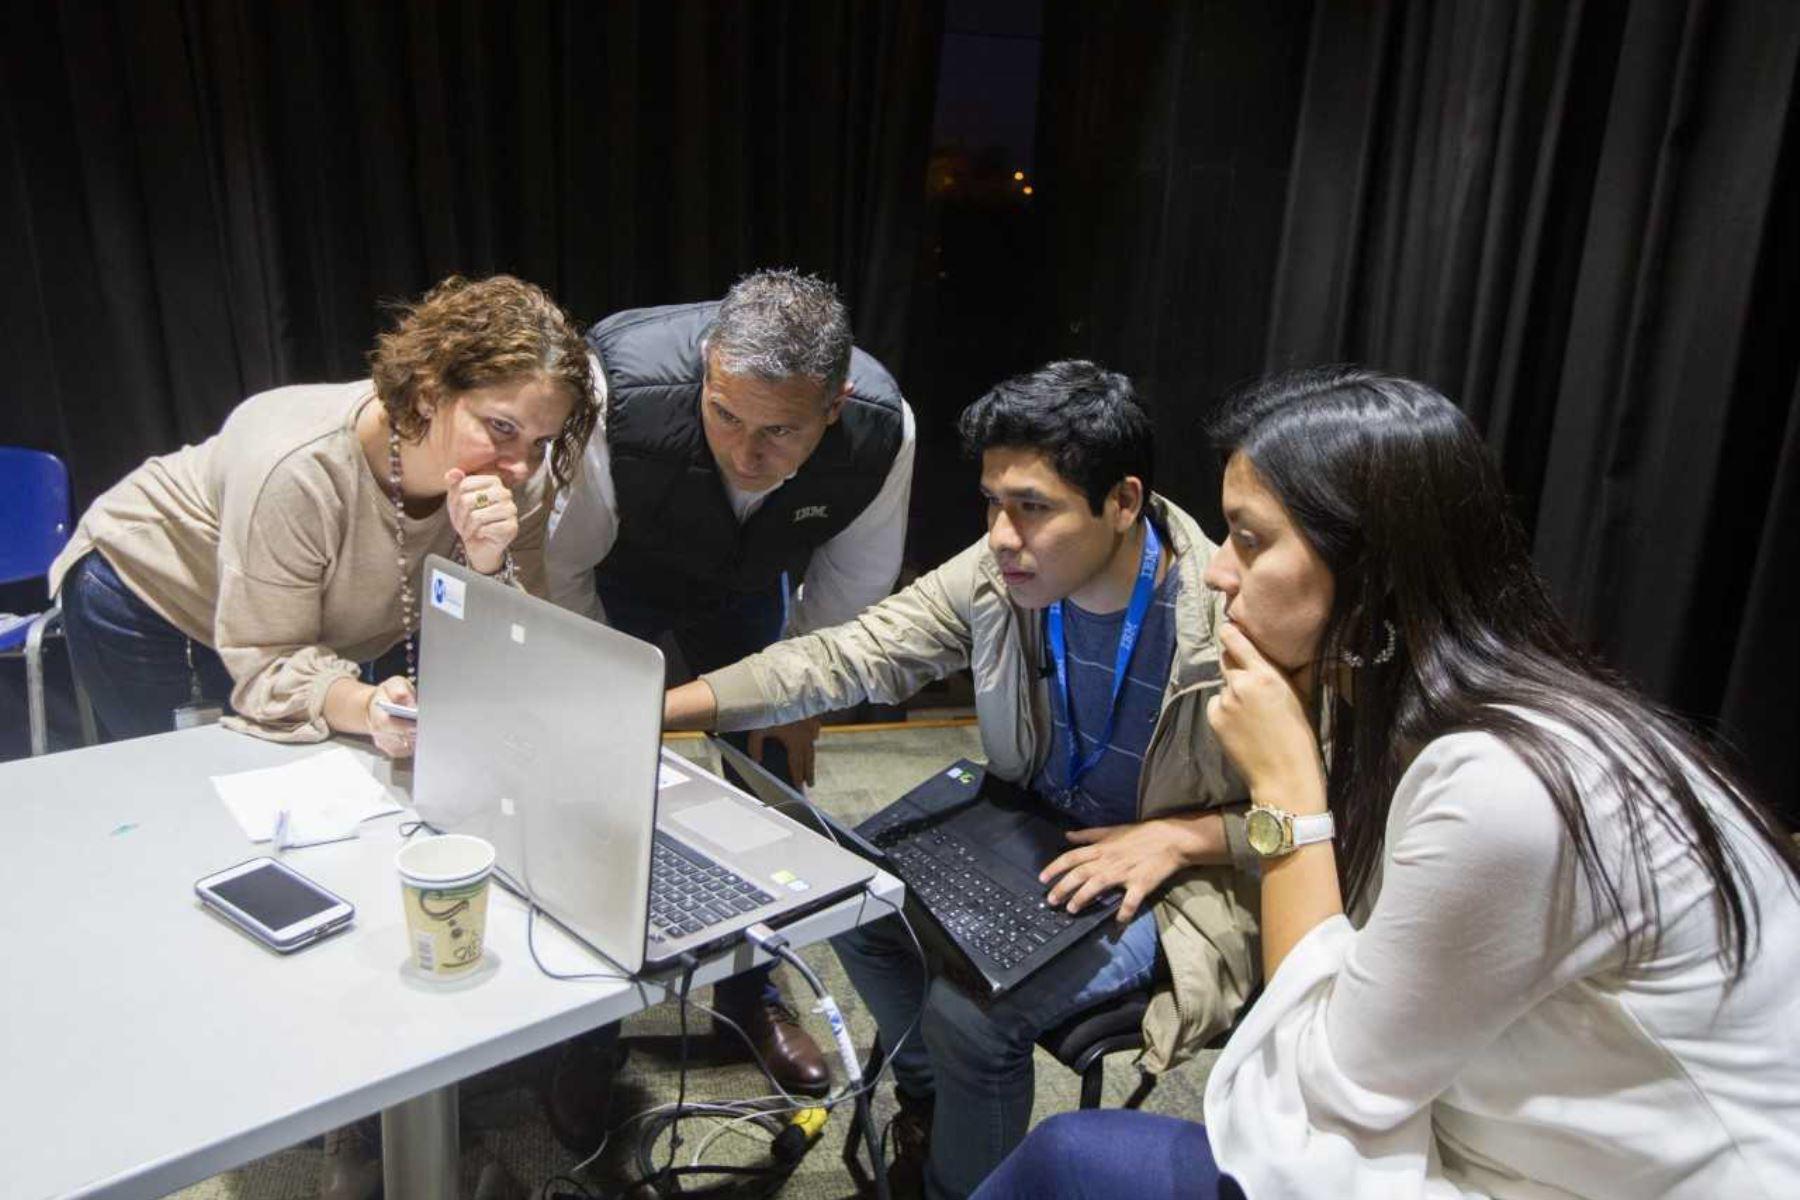 Midis impulsa soluciones tecnológicas en quechua rumbo al Bicentenario